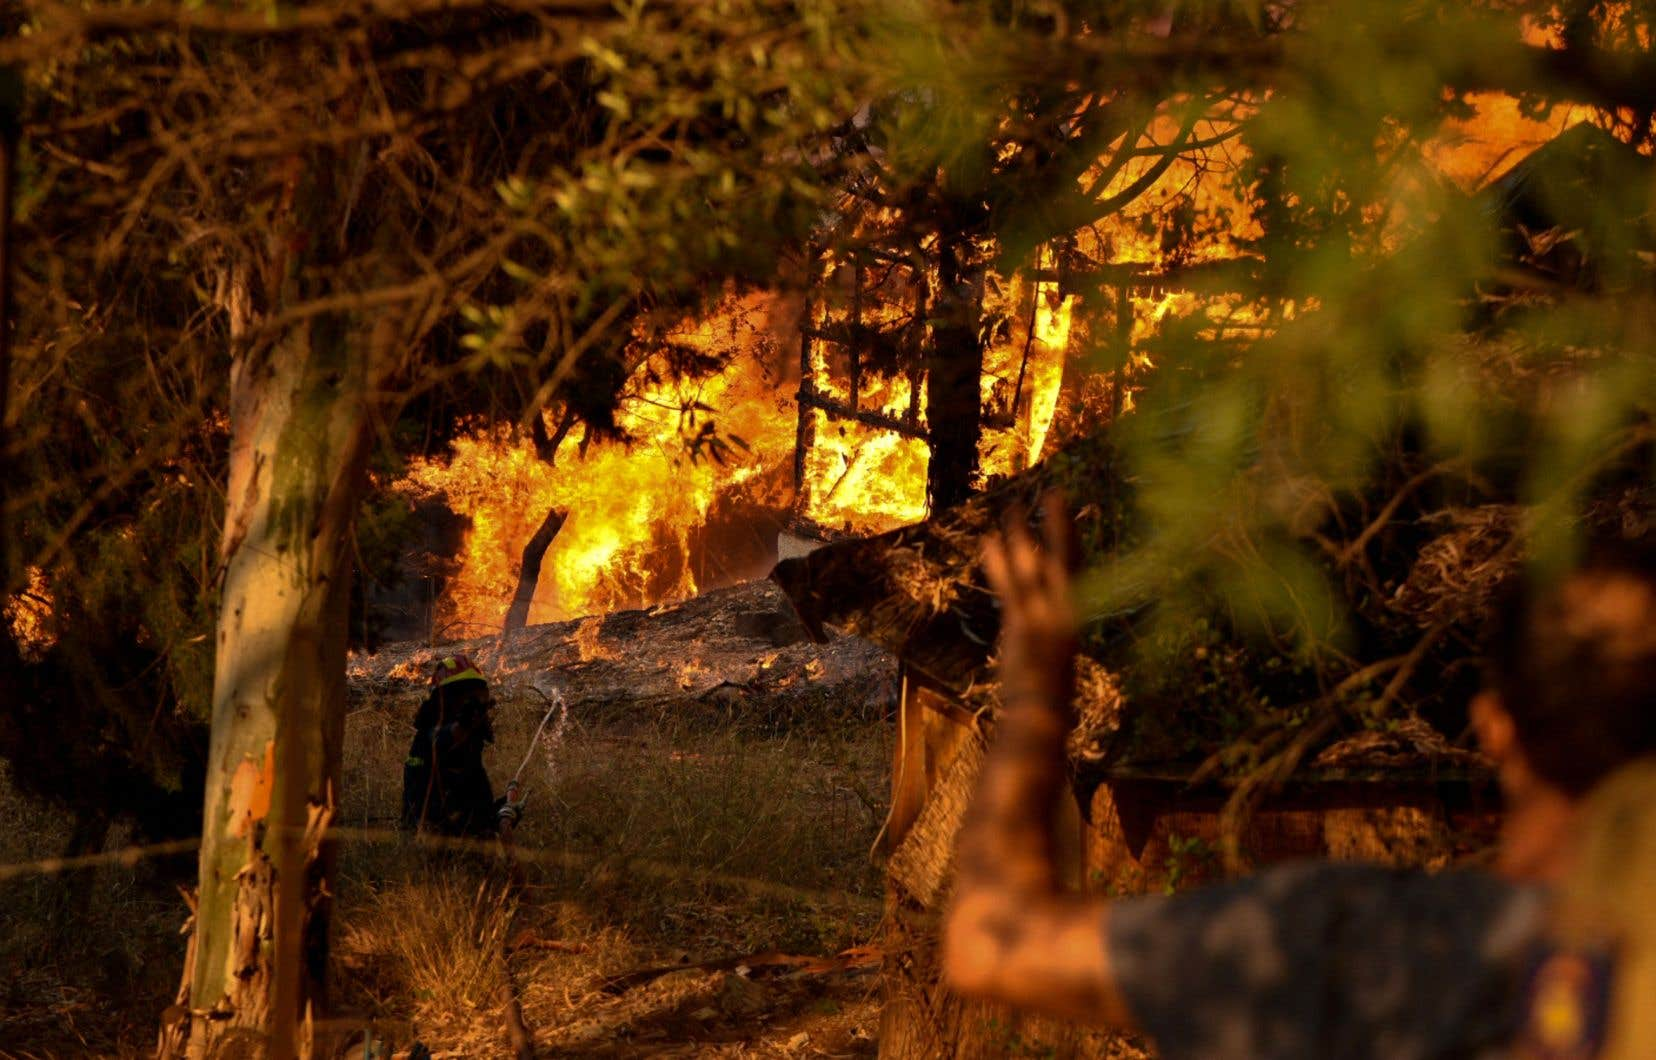 Près de 13 500 hectares ont brûlé en Grèce depuis le début de l'année, contre une moyenne de 7 500 à cette période de l'année entre 2008 et 2020.